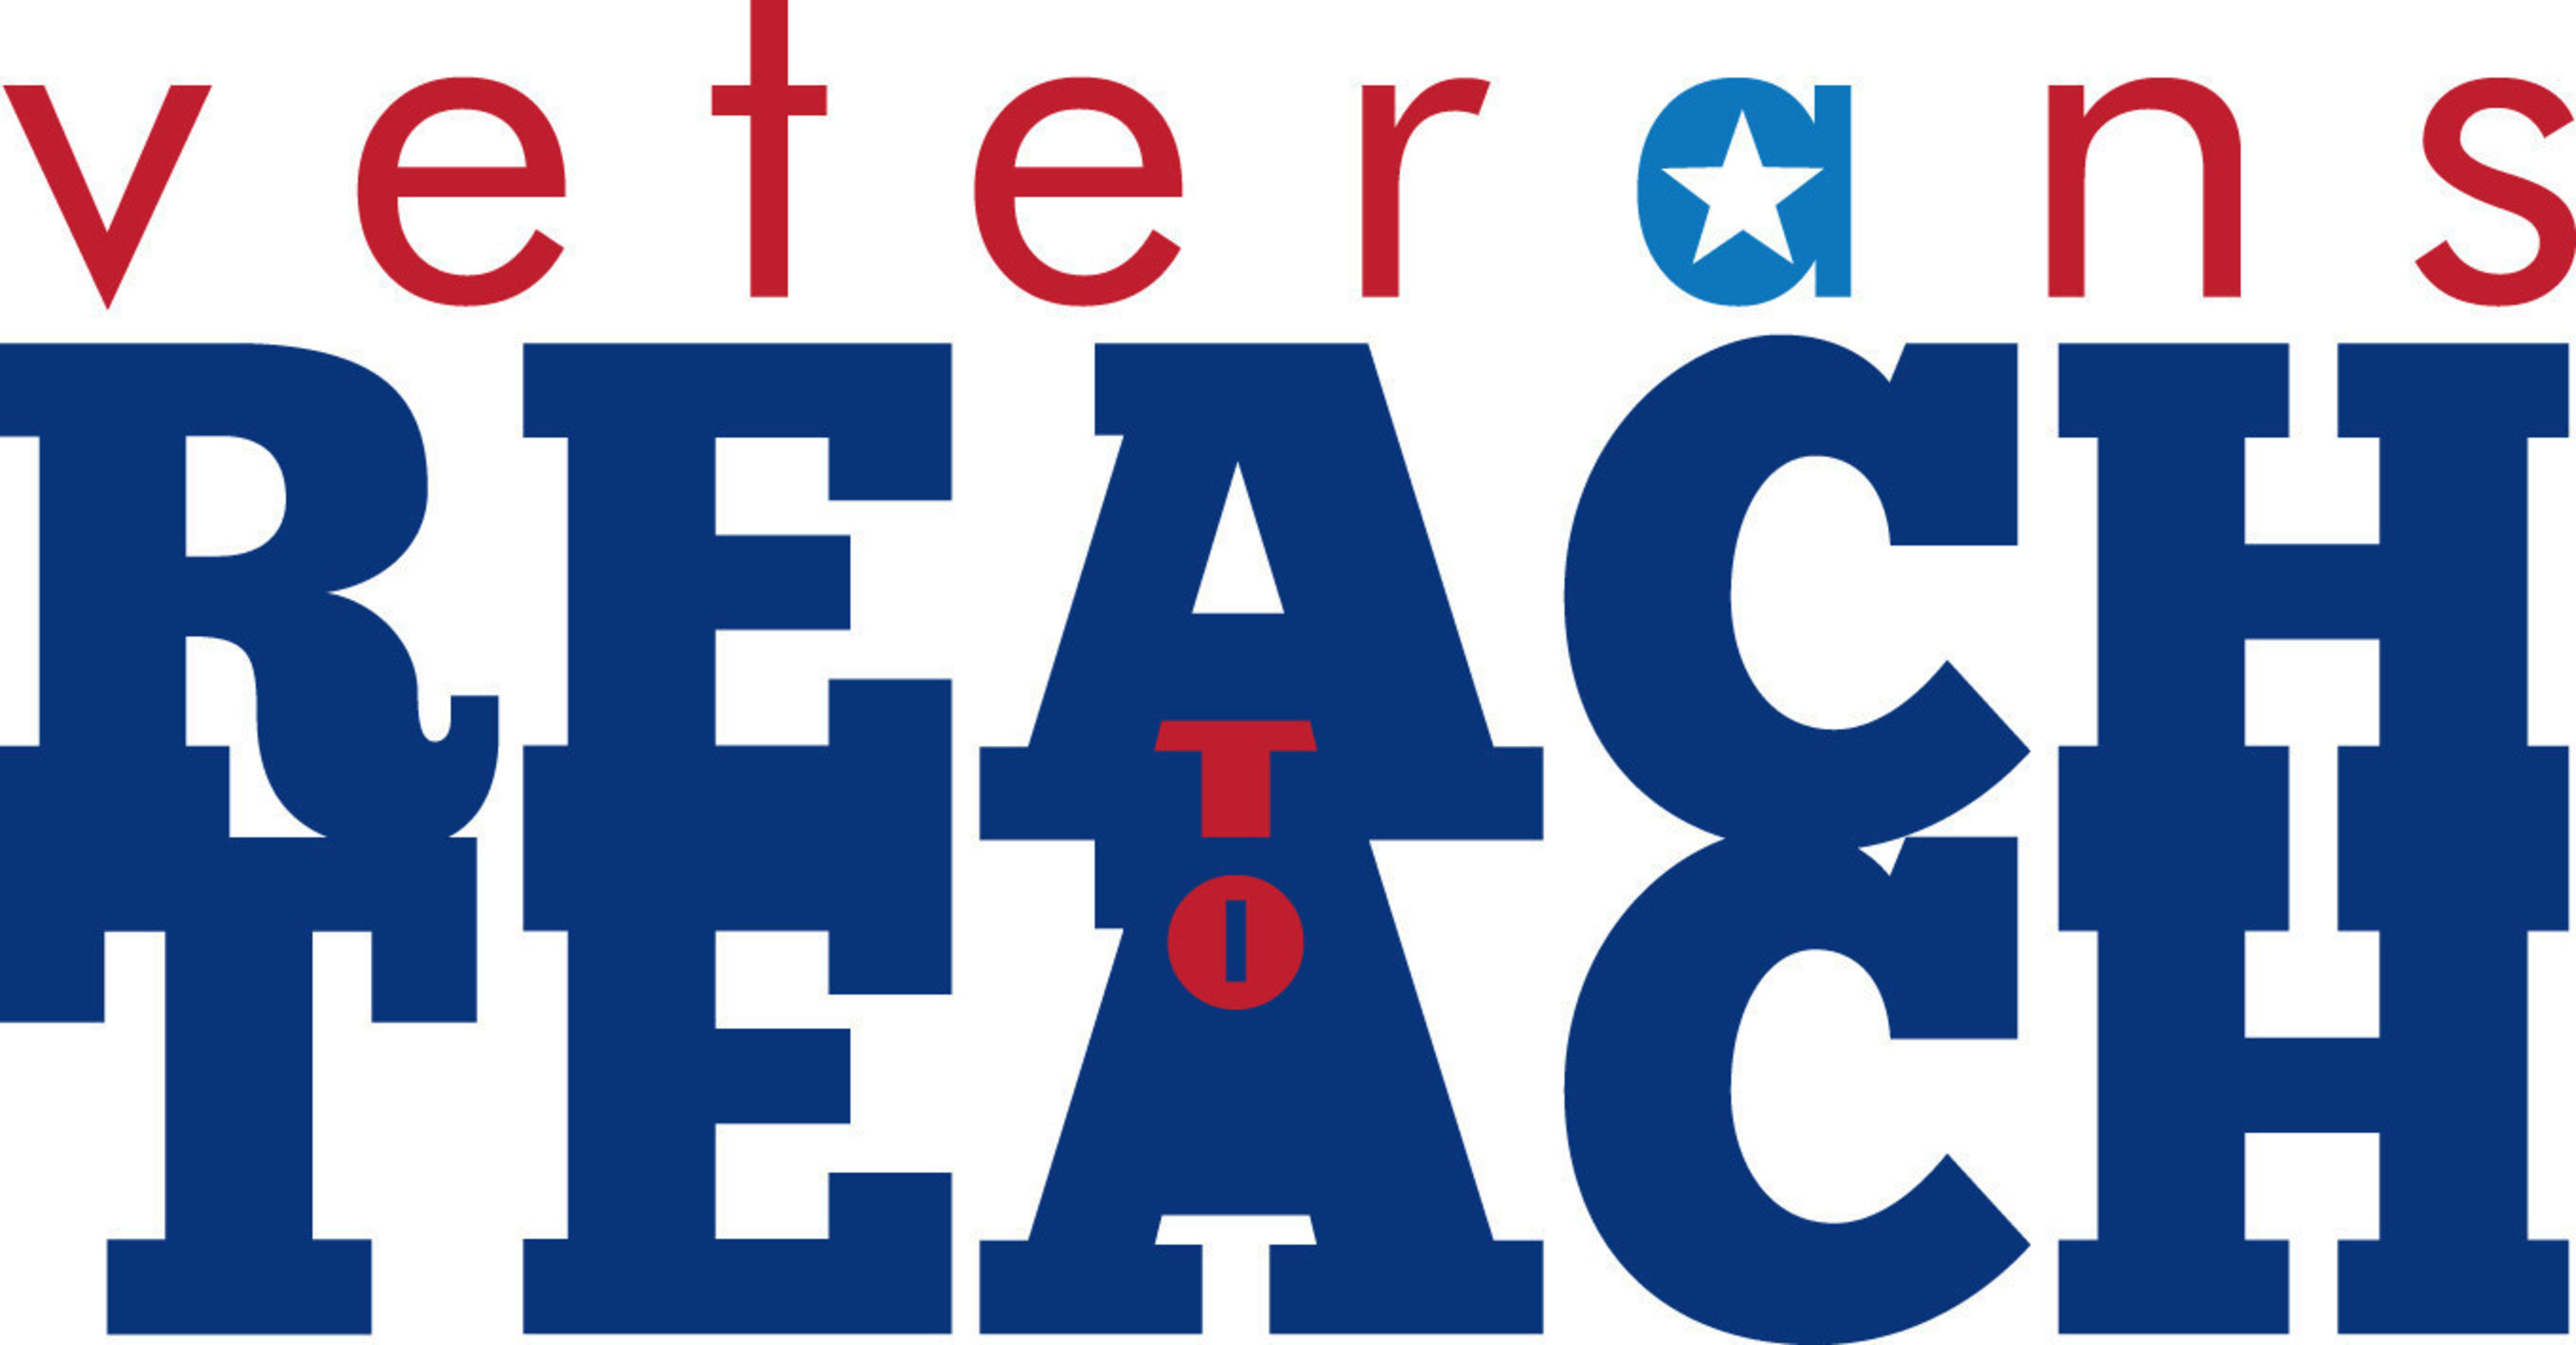 http://veteransreachtoteach.com/